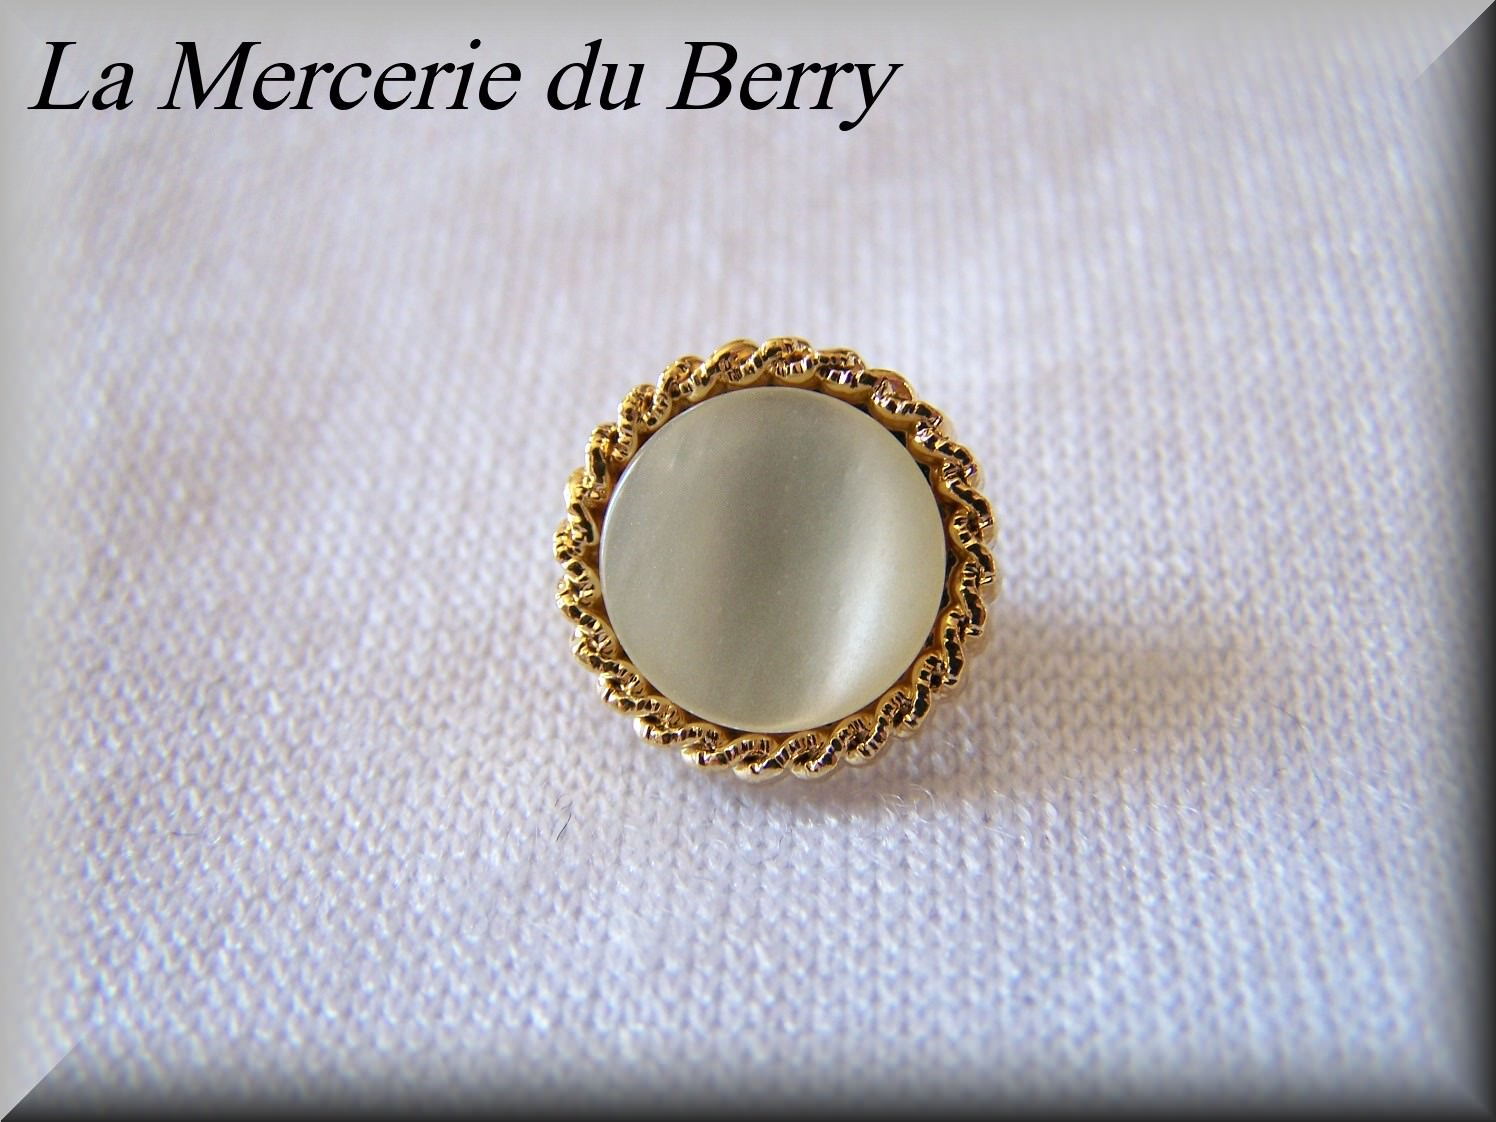 Bouton blanc, cerclé doré, 18 mm